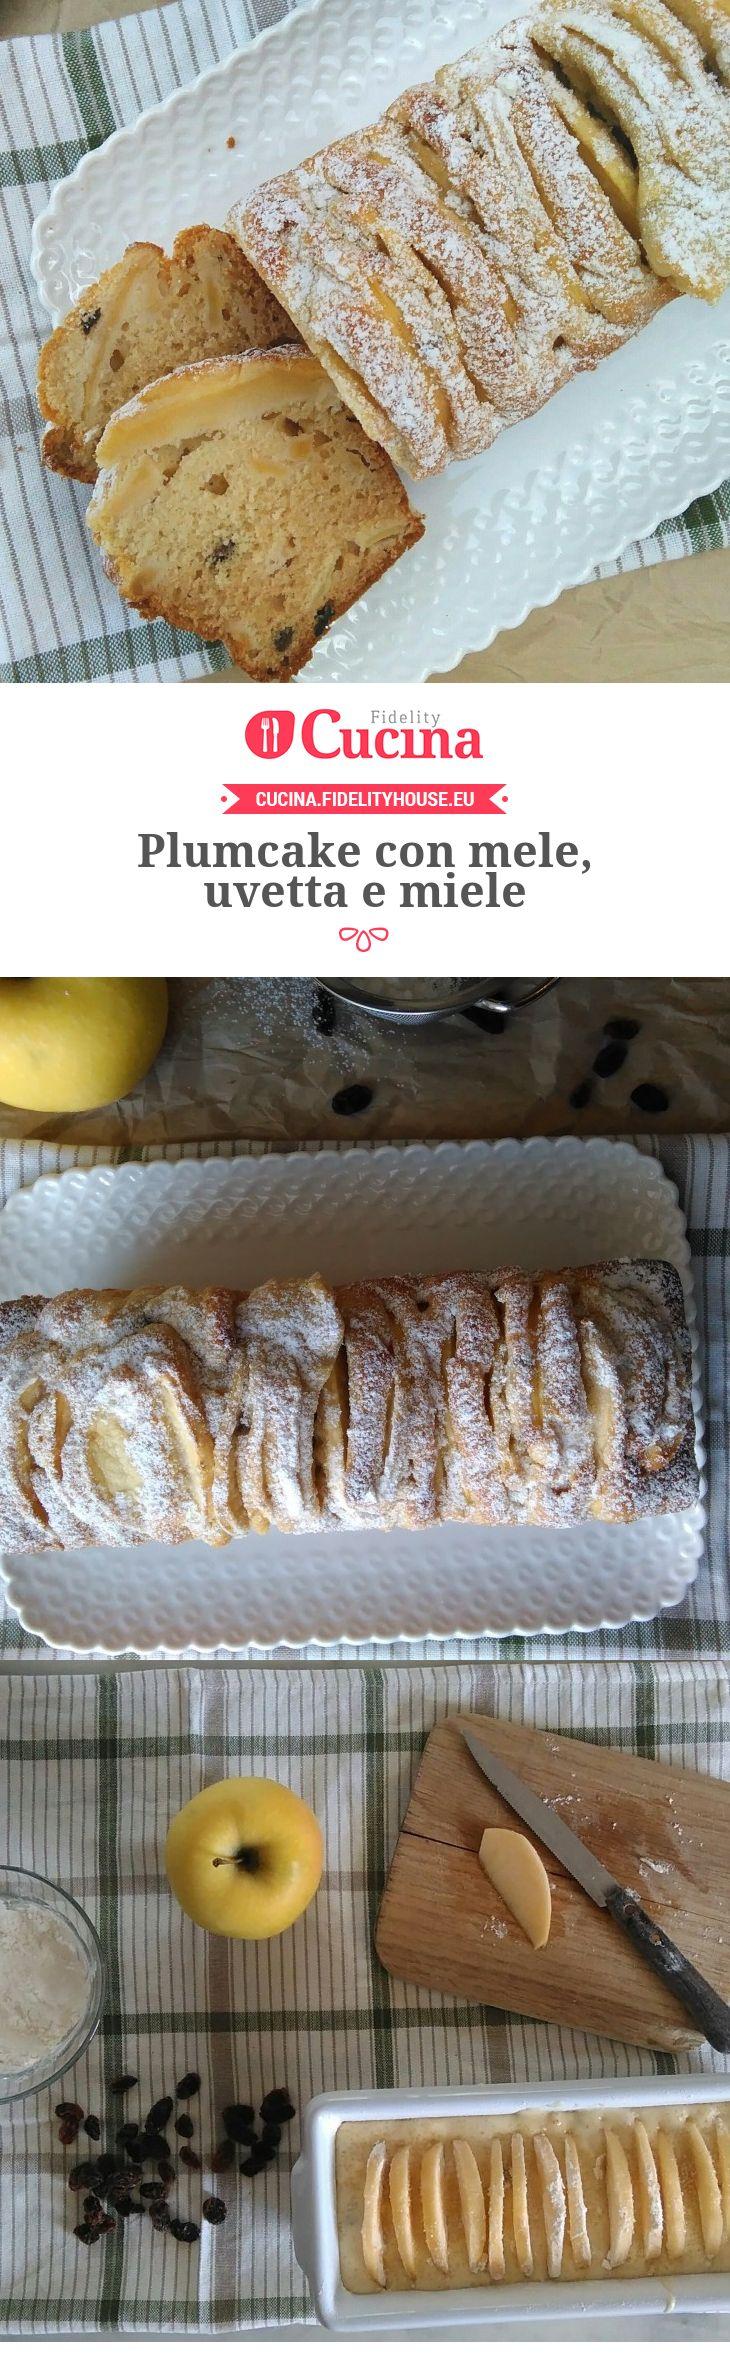 Plumcake con mele, uvetta e miele della nostra utente Francesca. Unisciti alla nostra Community ed invia le tue ricette!